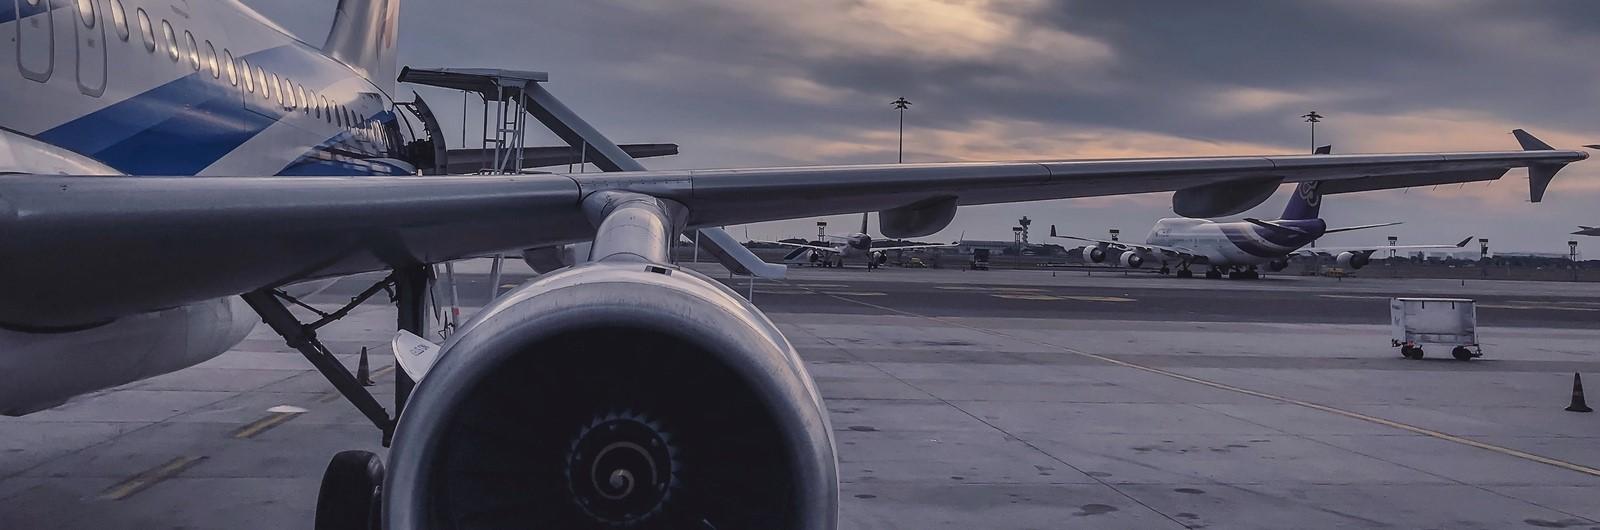 airport generic 30